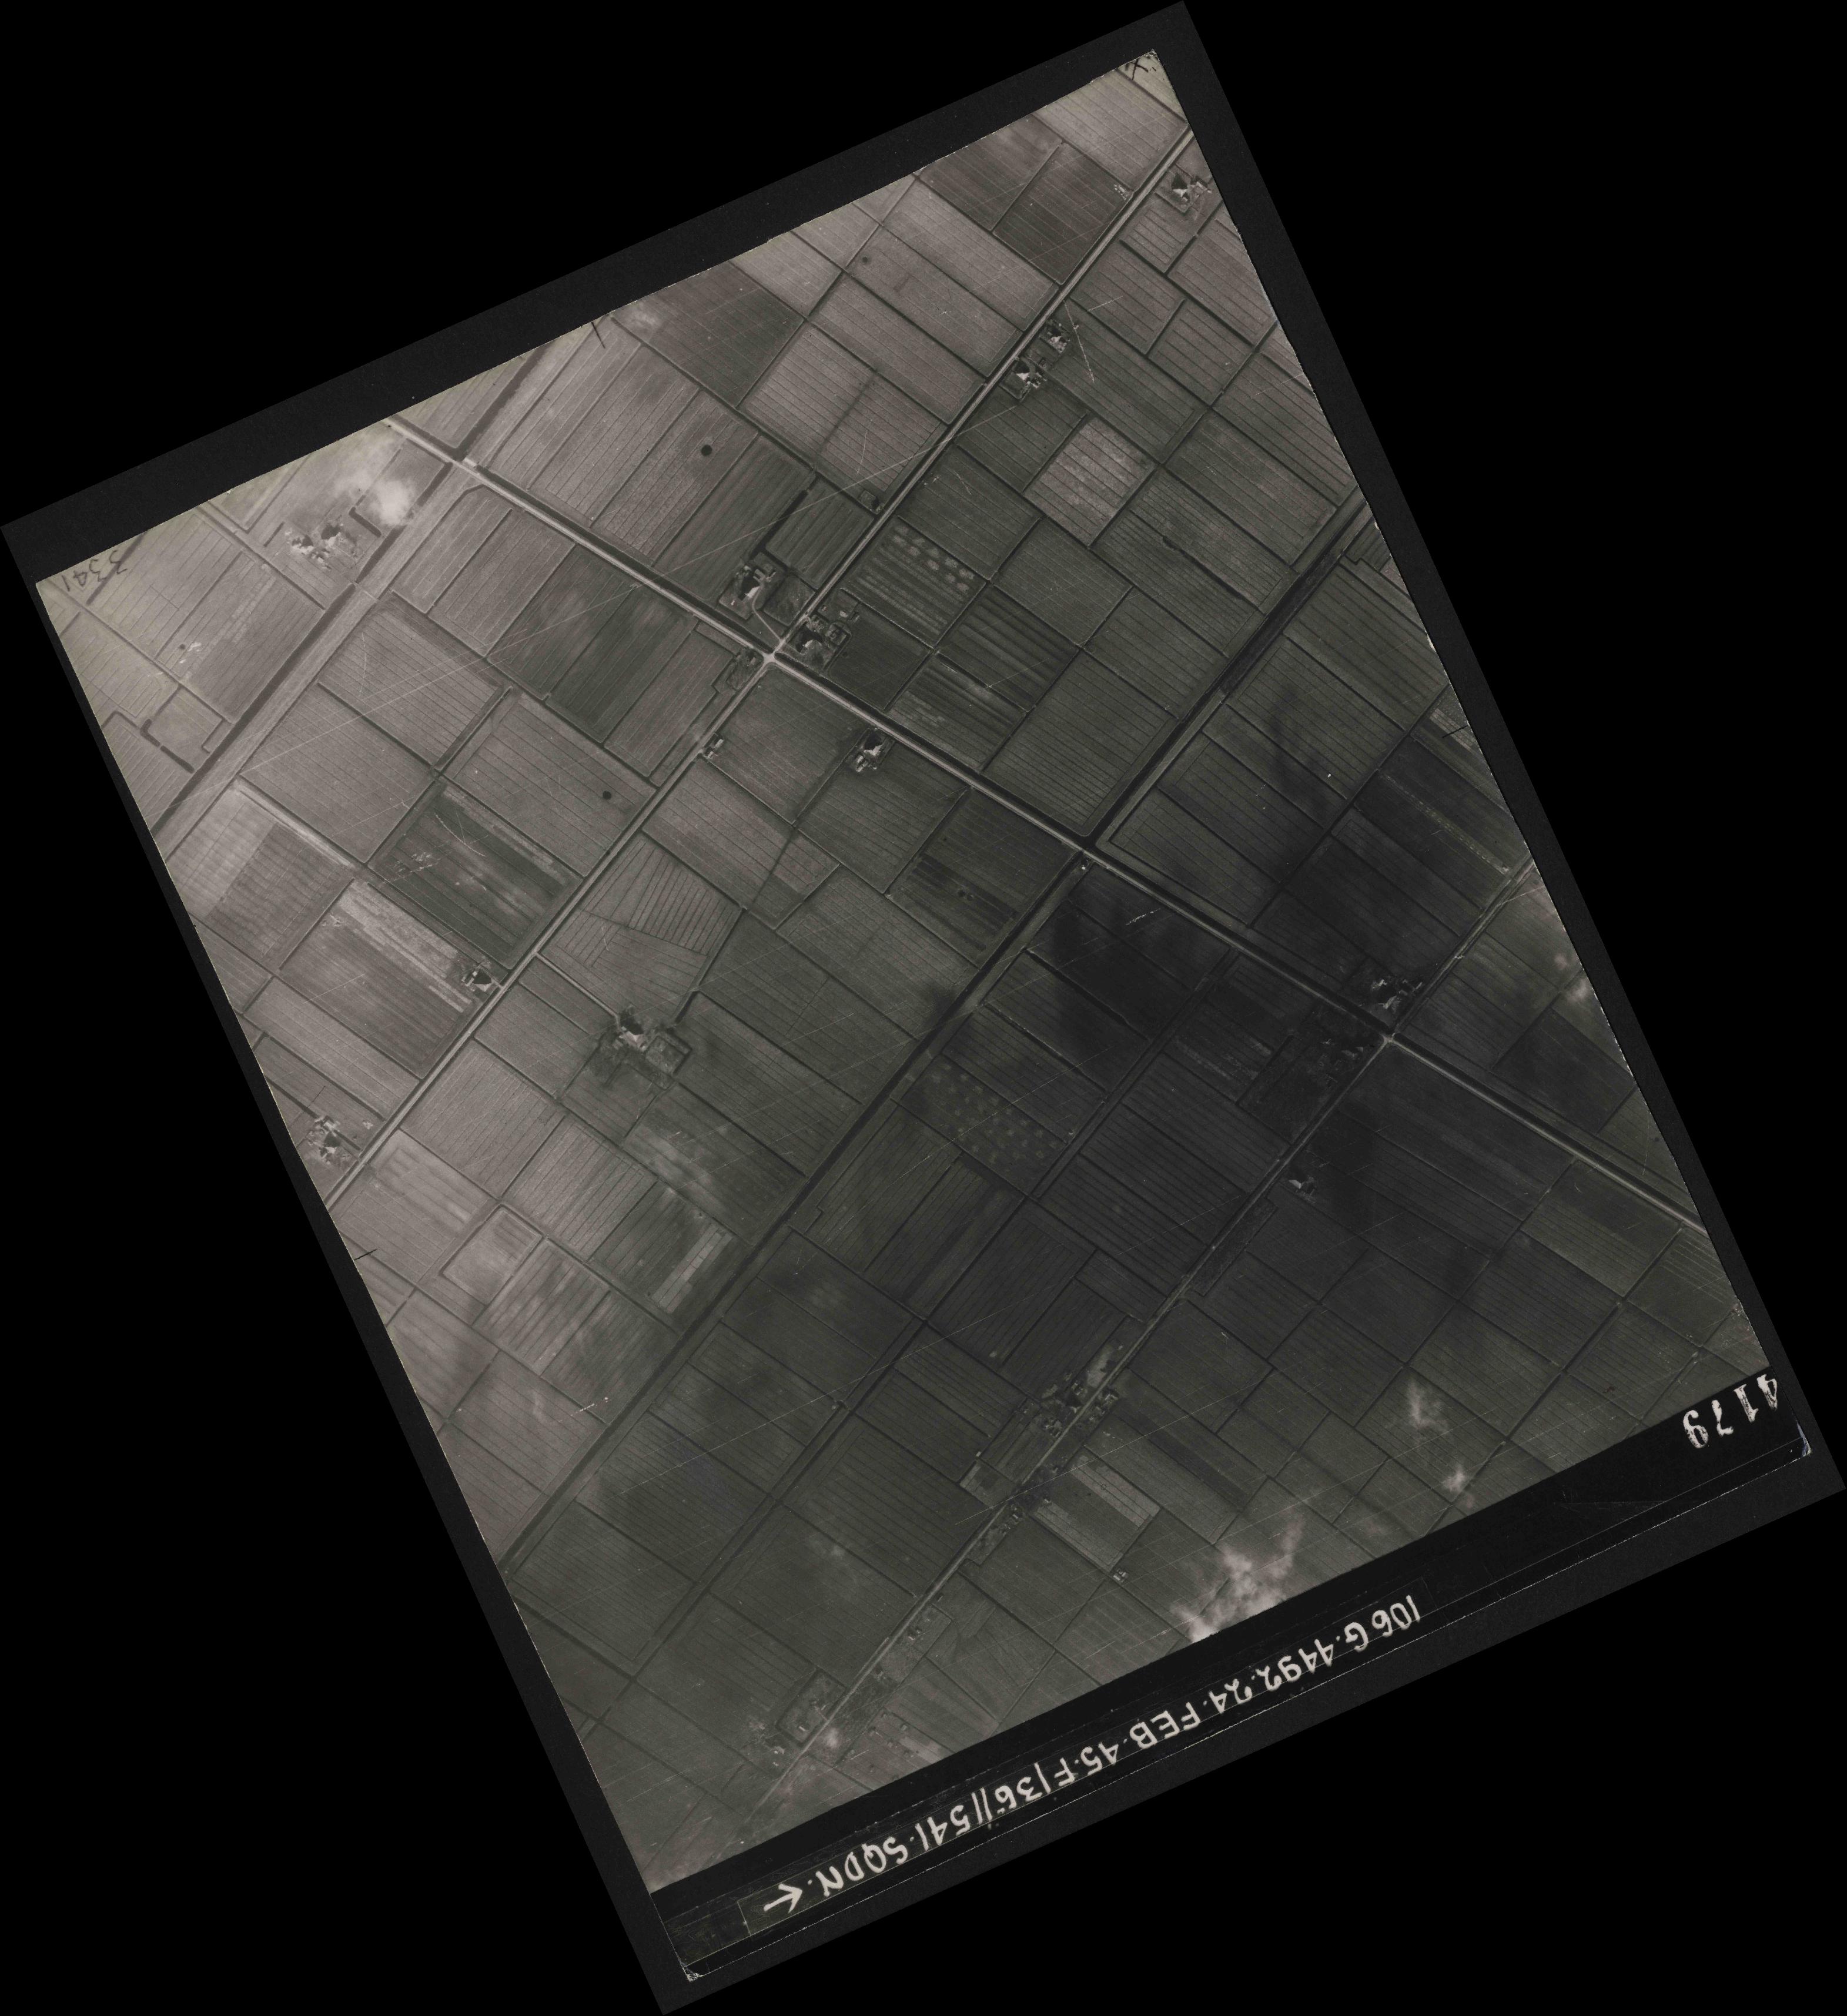 Collection RAF aerial photos 1940-1945 - flight 112, run 14, photo 4179